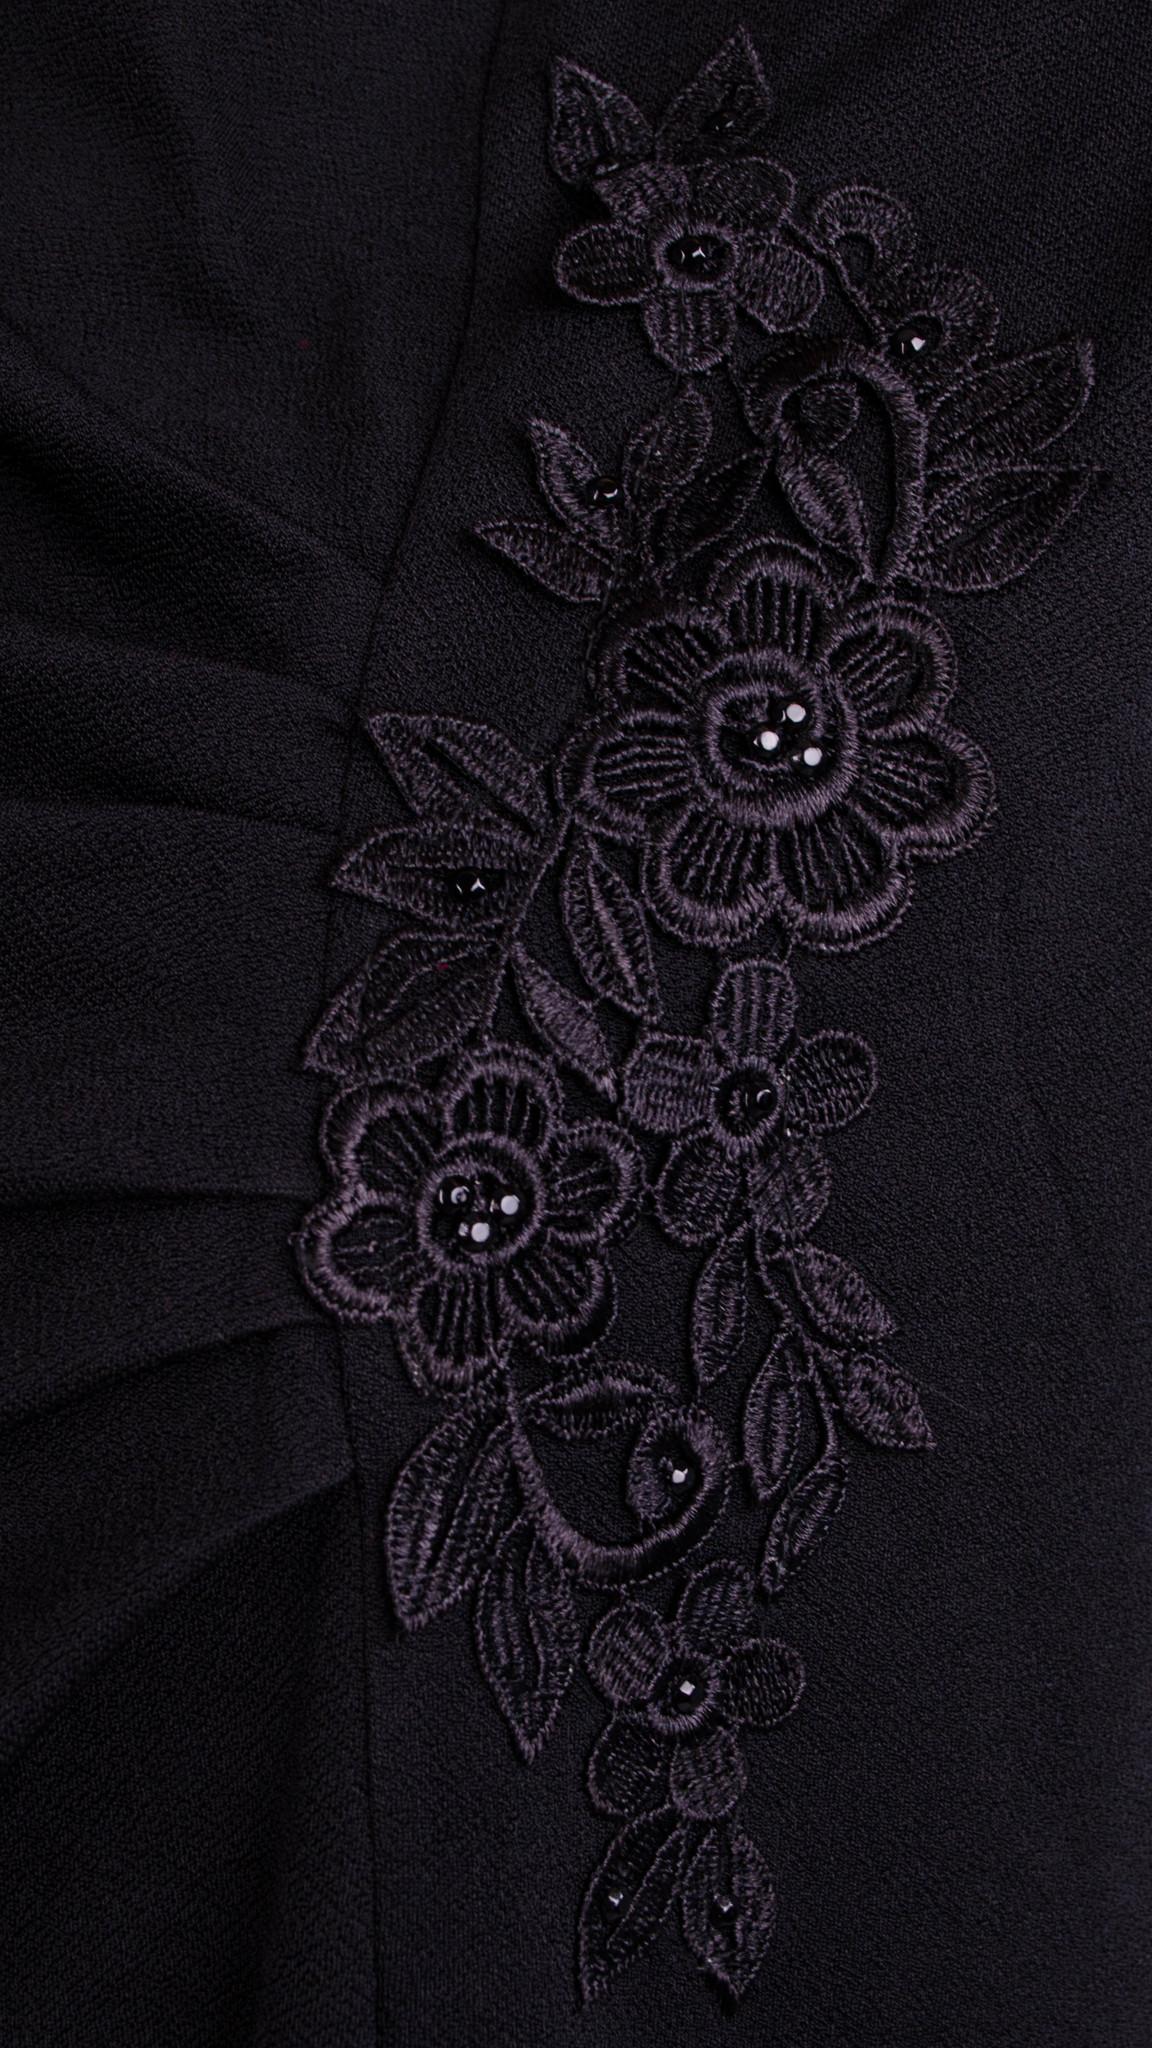 Тейлор. Вишукана жіноча сукня великих розмірів. Чорний. - купить по ... df252c26d67cf